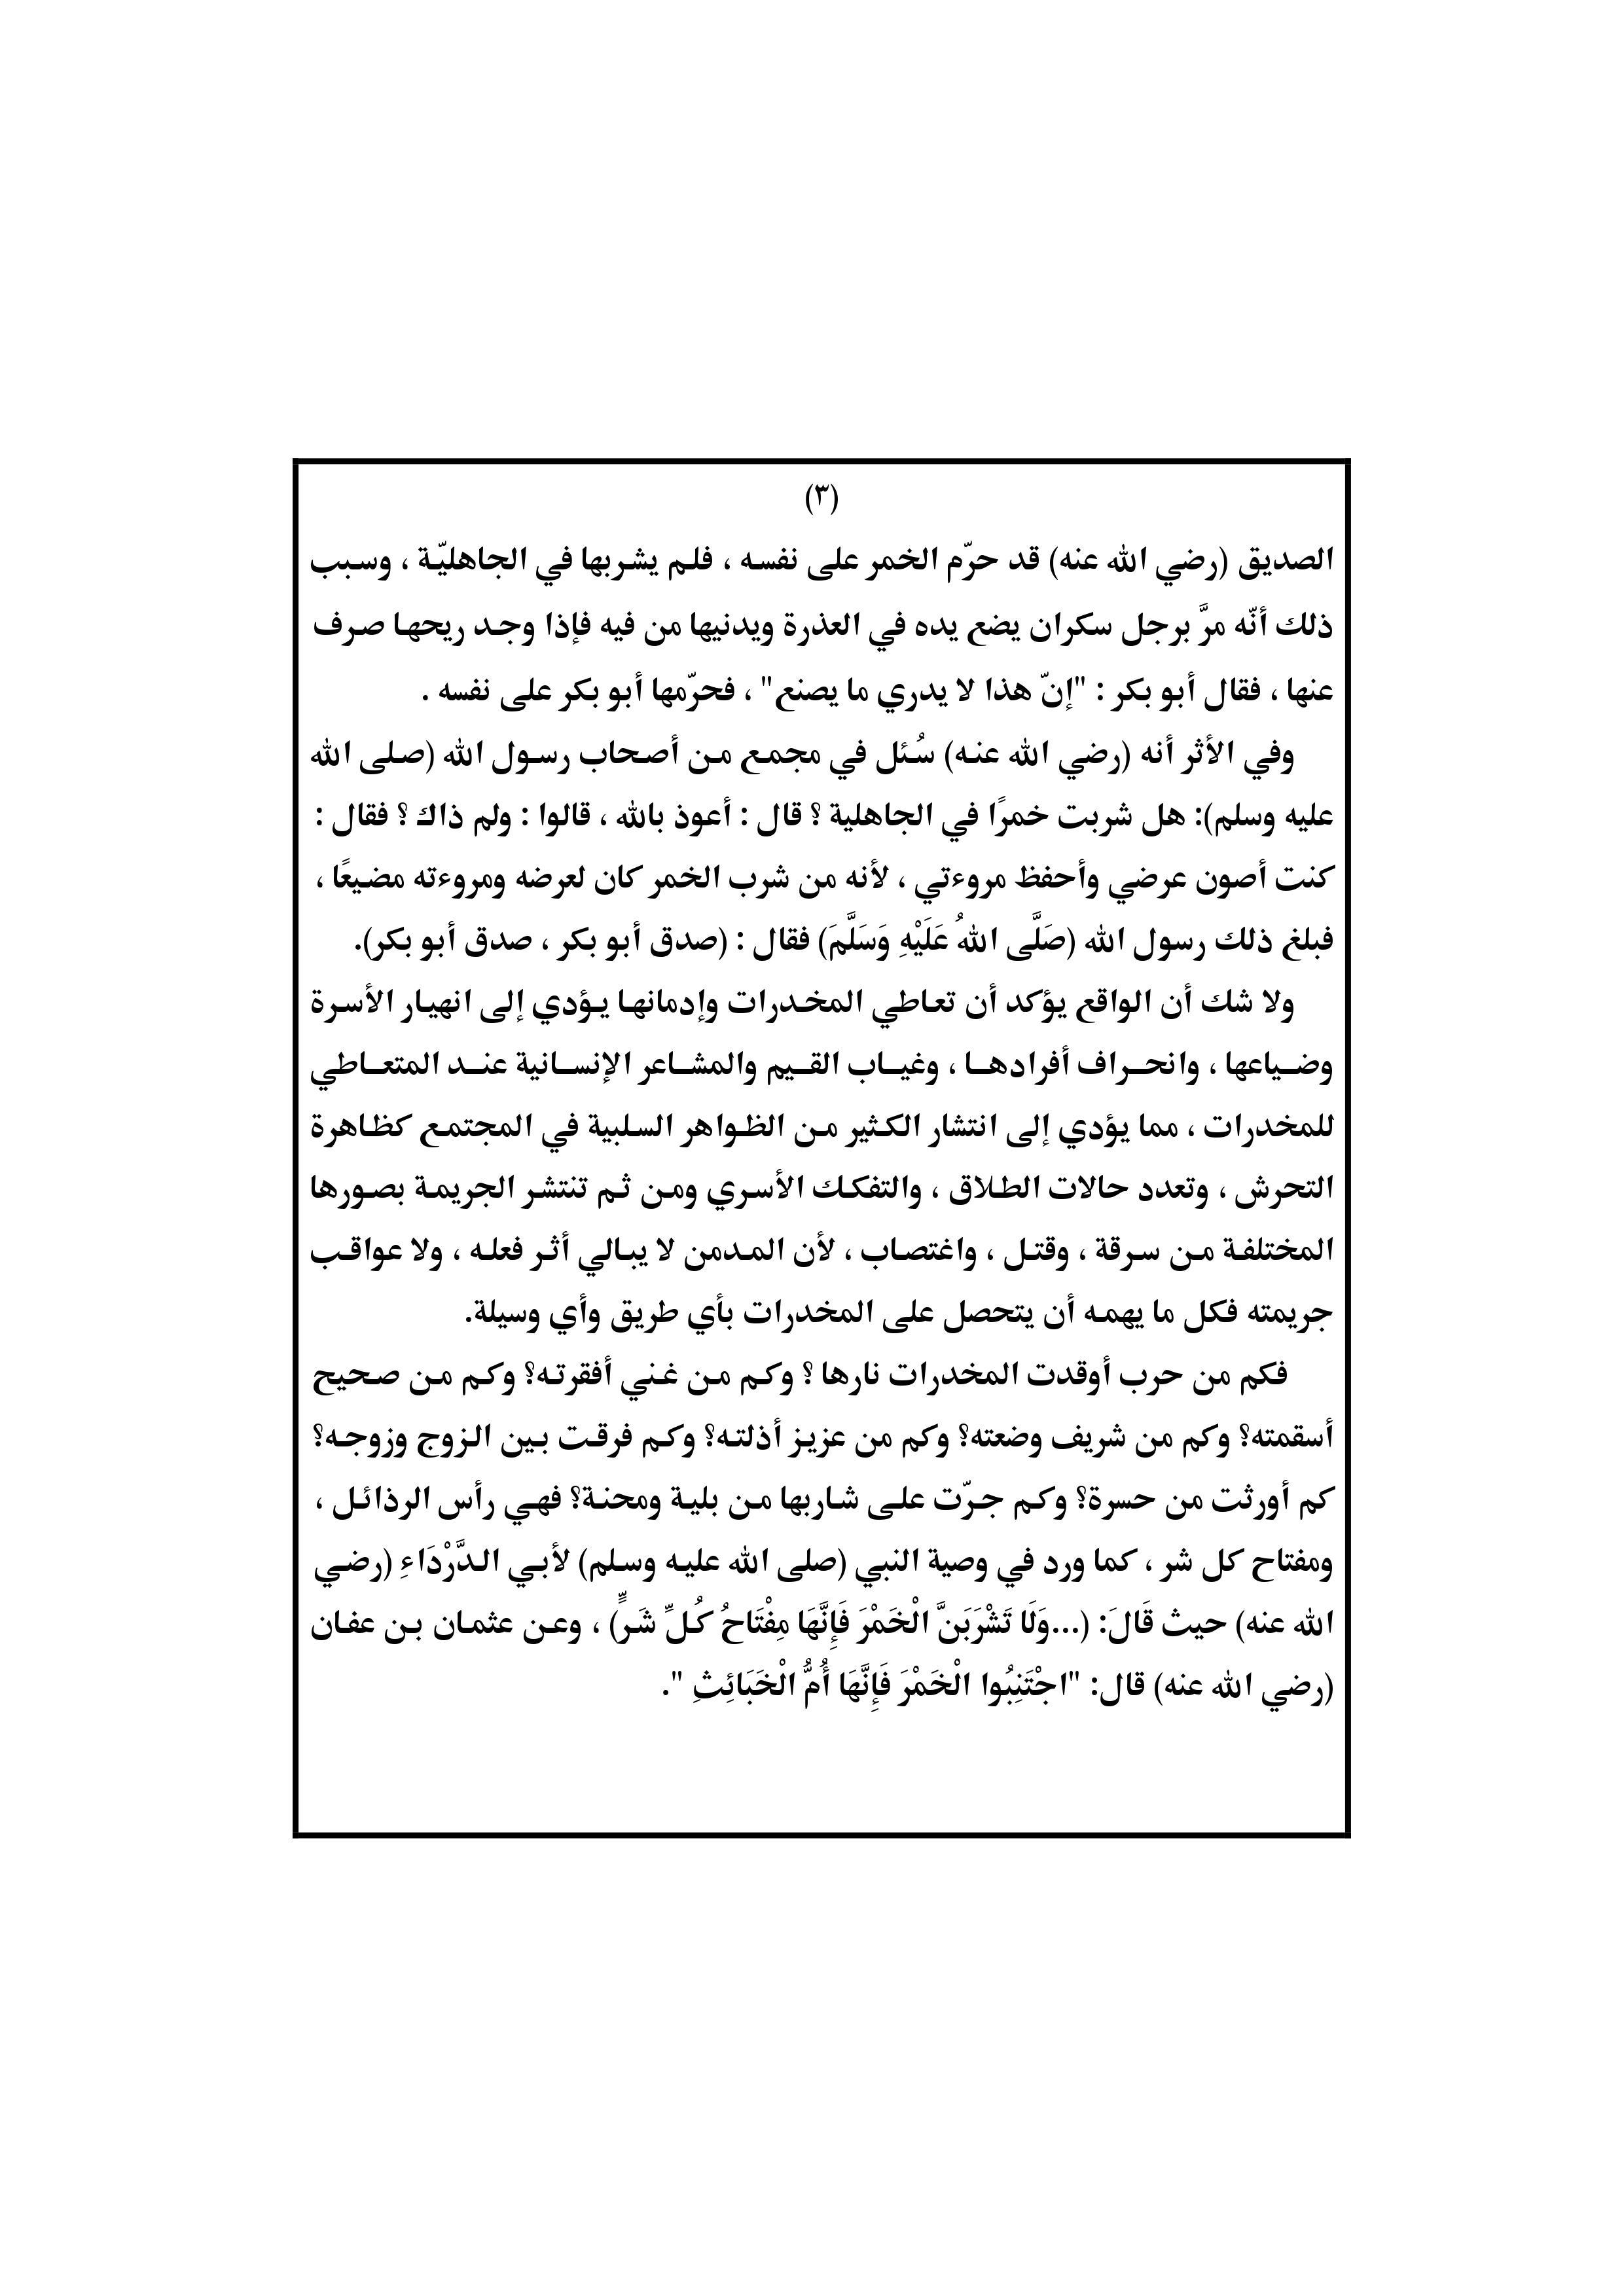 خطبة الجمعة 22 مارس 2019 ،خطبة وزارة الاوقاف المصرية ، خطبة الجمعة القادمة ، خطبة الجمعة القادمة لوزارة الاوقاف المصرية pdf